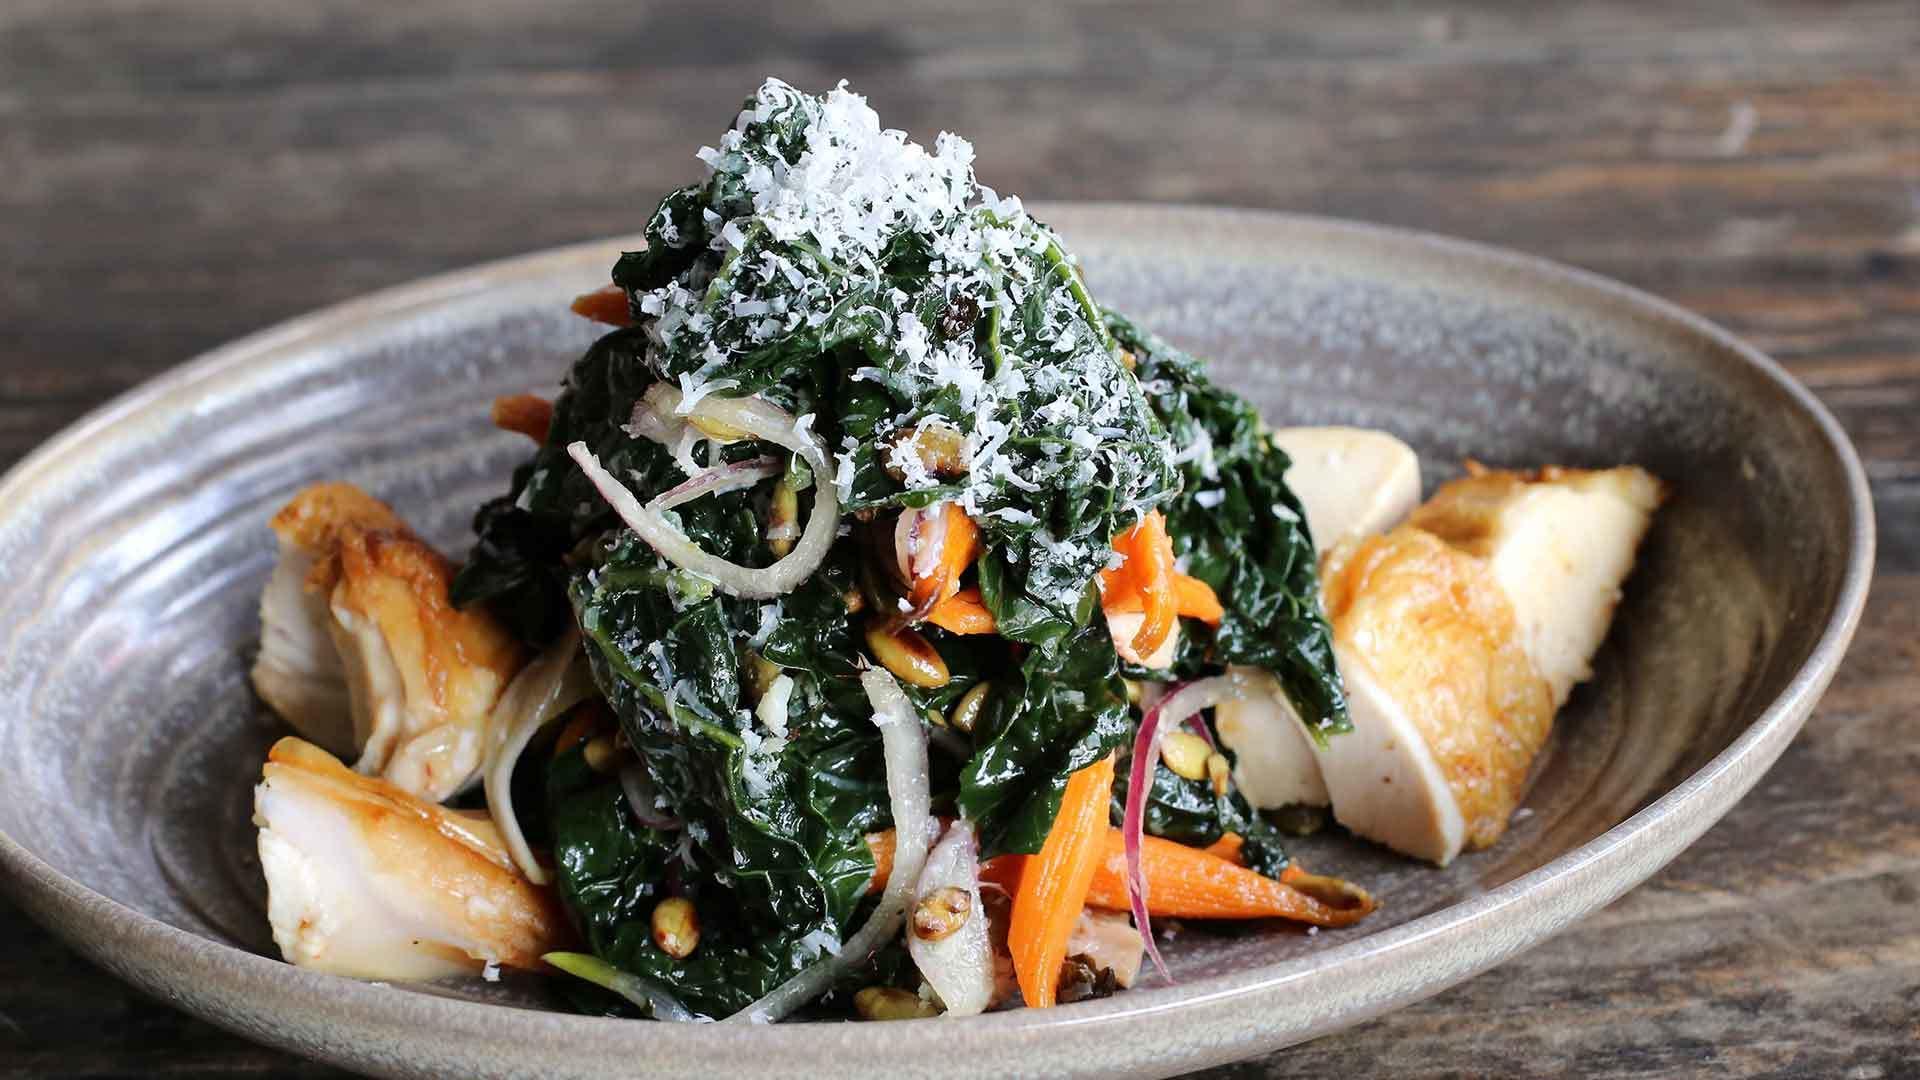 Kale salad and chicken web v6